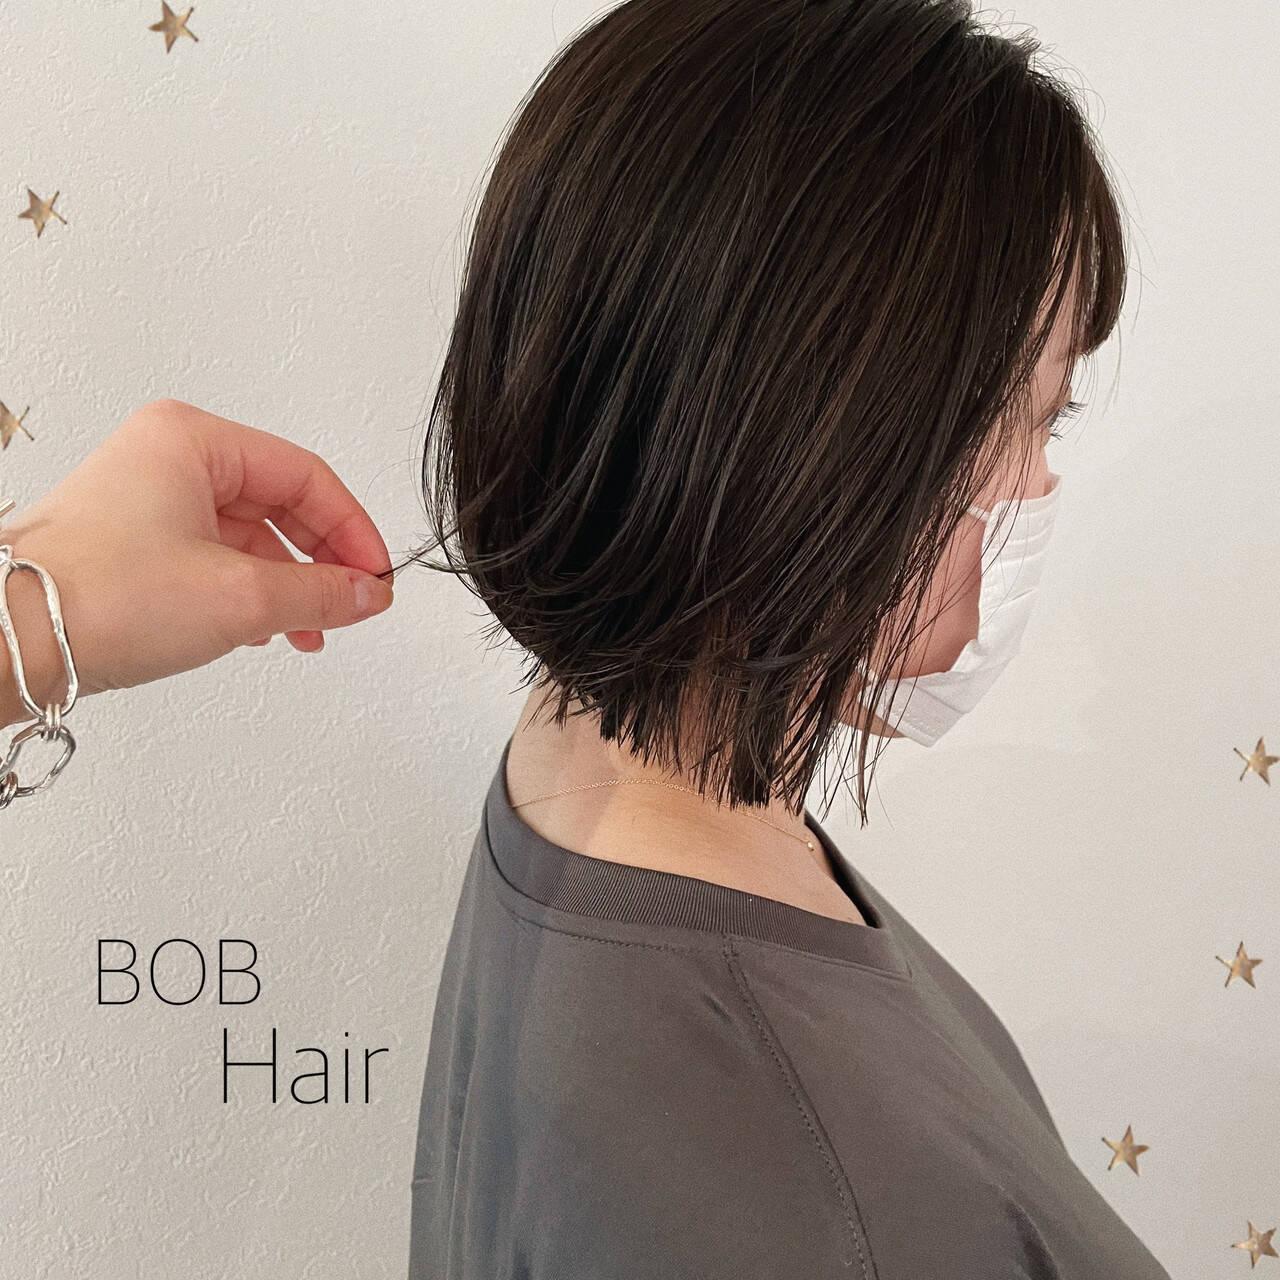 ナチュラル 切りっぱなしボブ ボブ ミニボブヘアスタイルや髪型の写真・画像